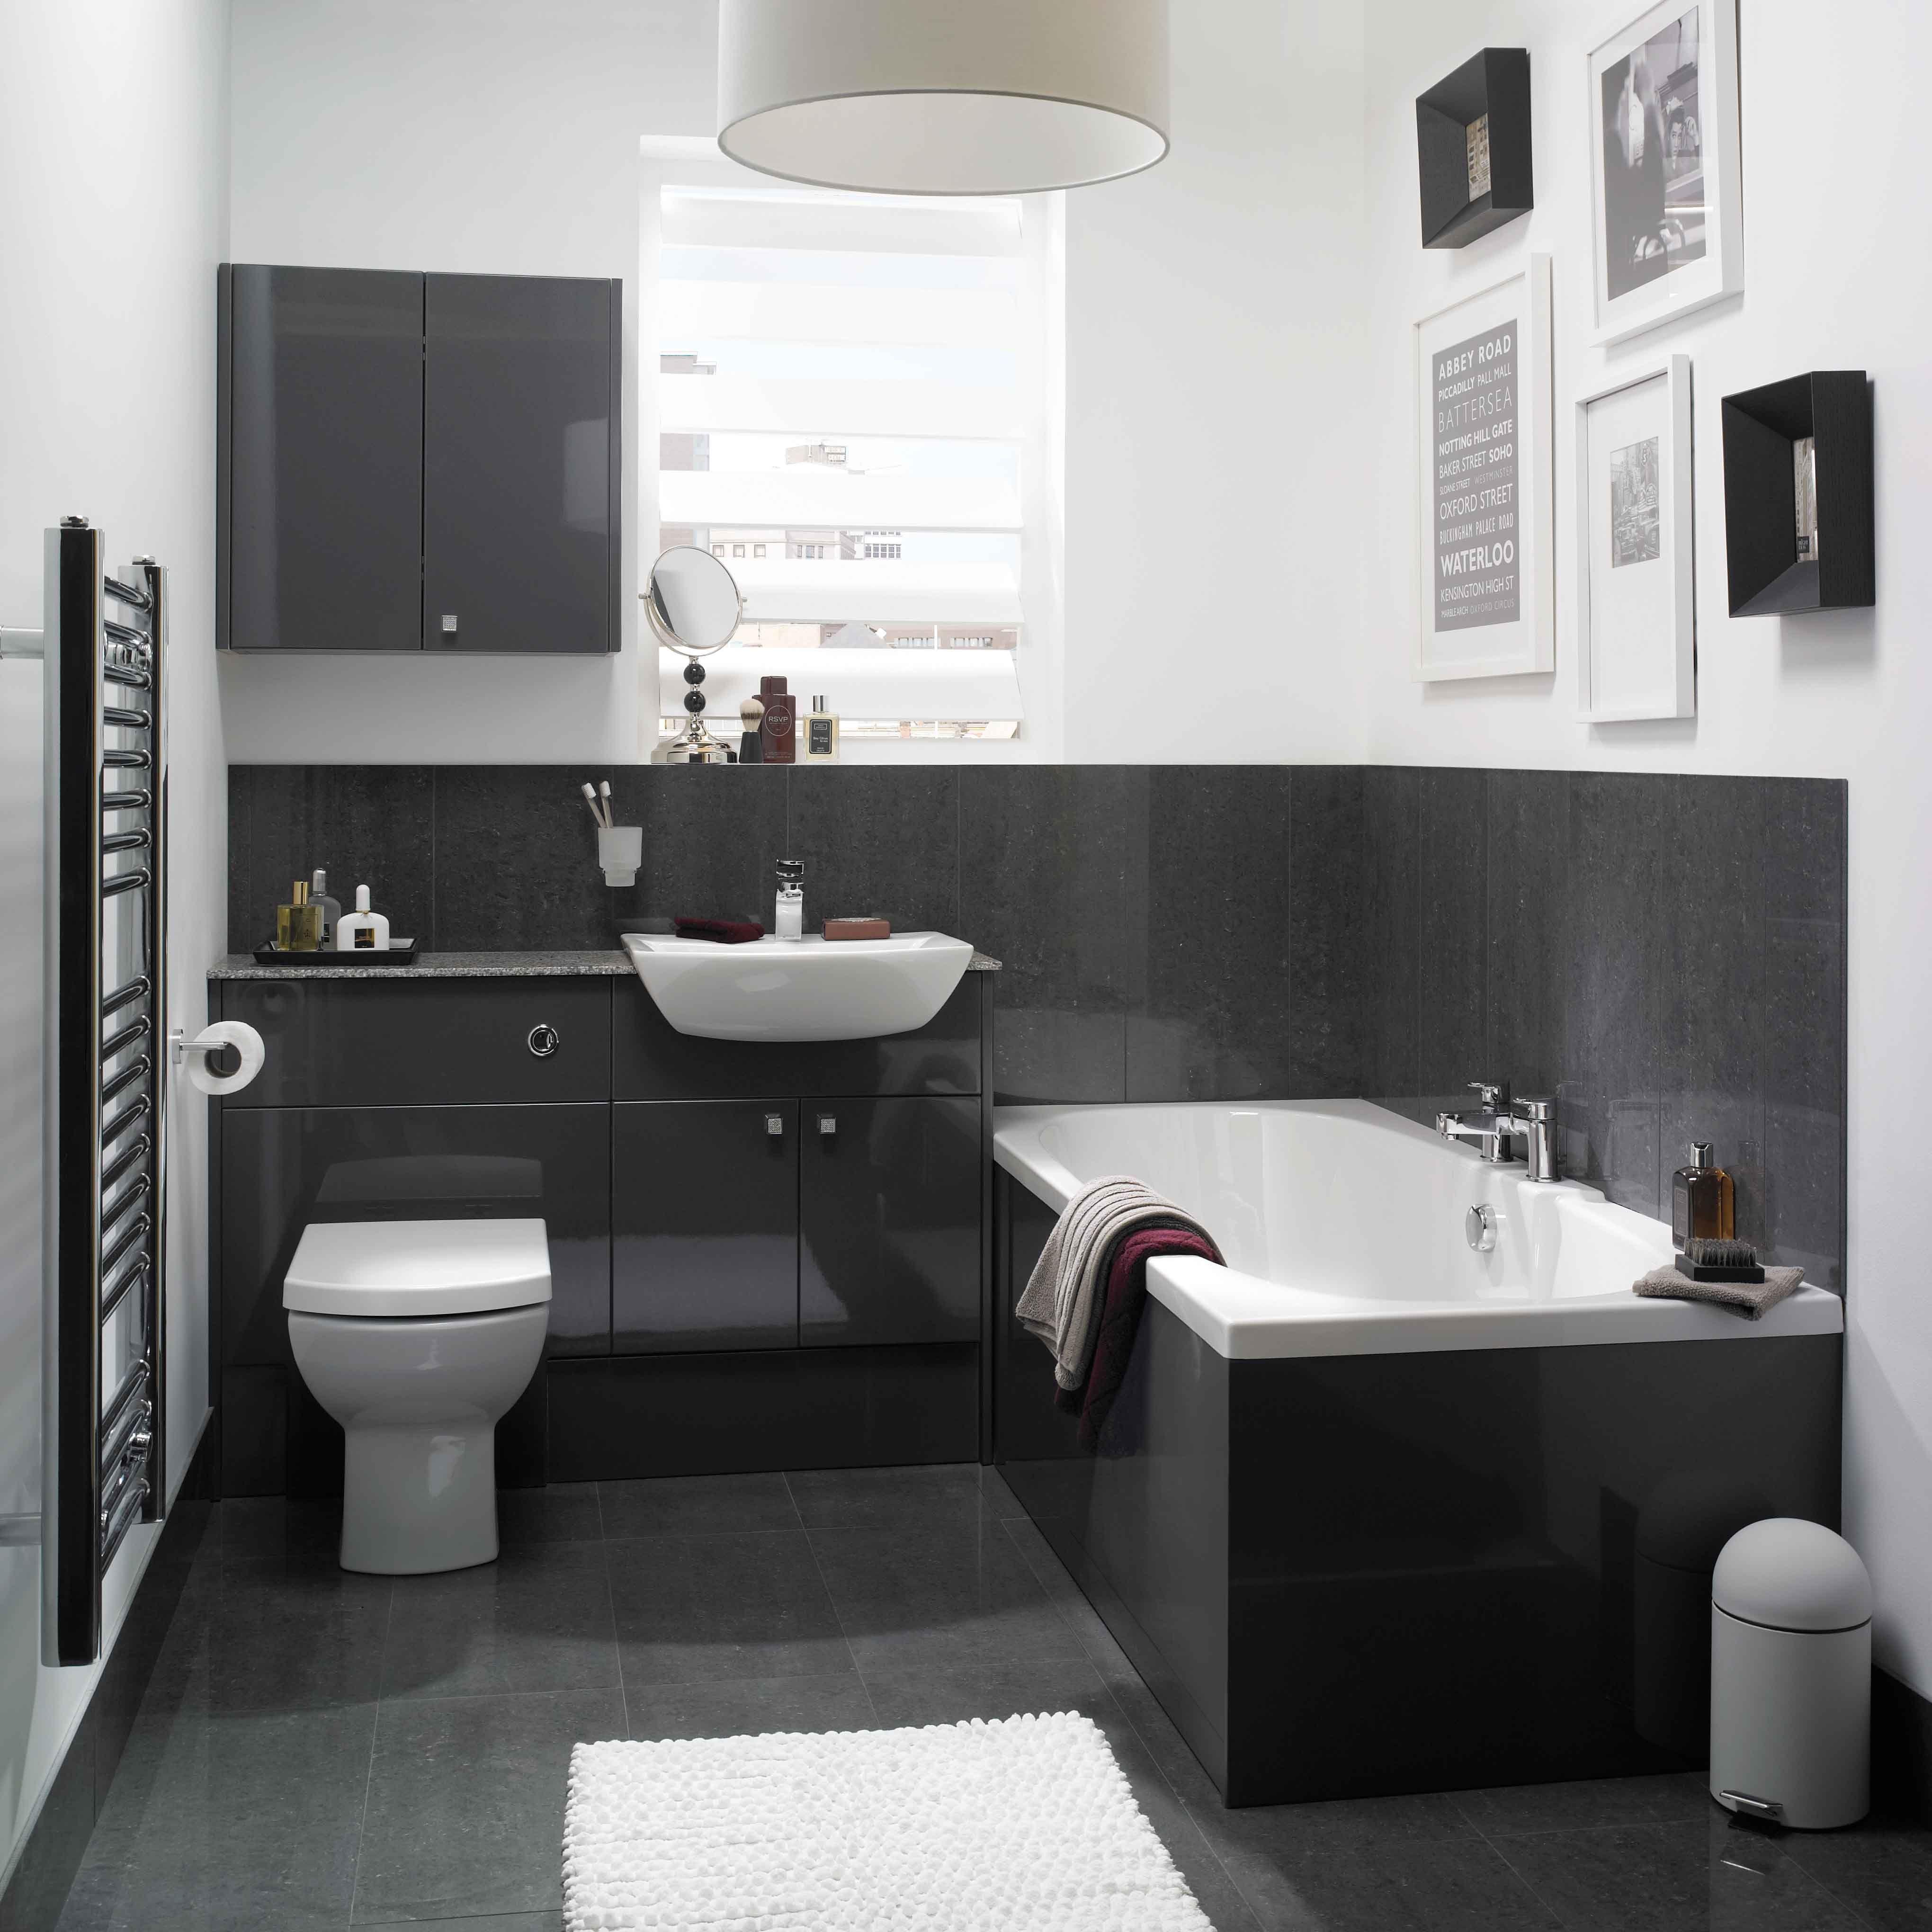 Bathroom Designs East Kilbride mereway bathrooms (merewaybathroom) on pinterest